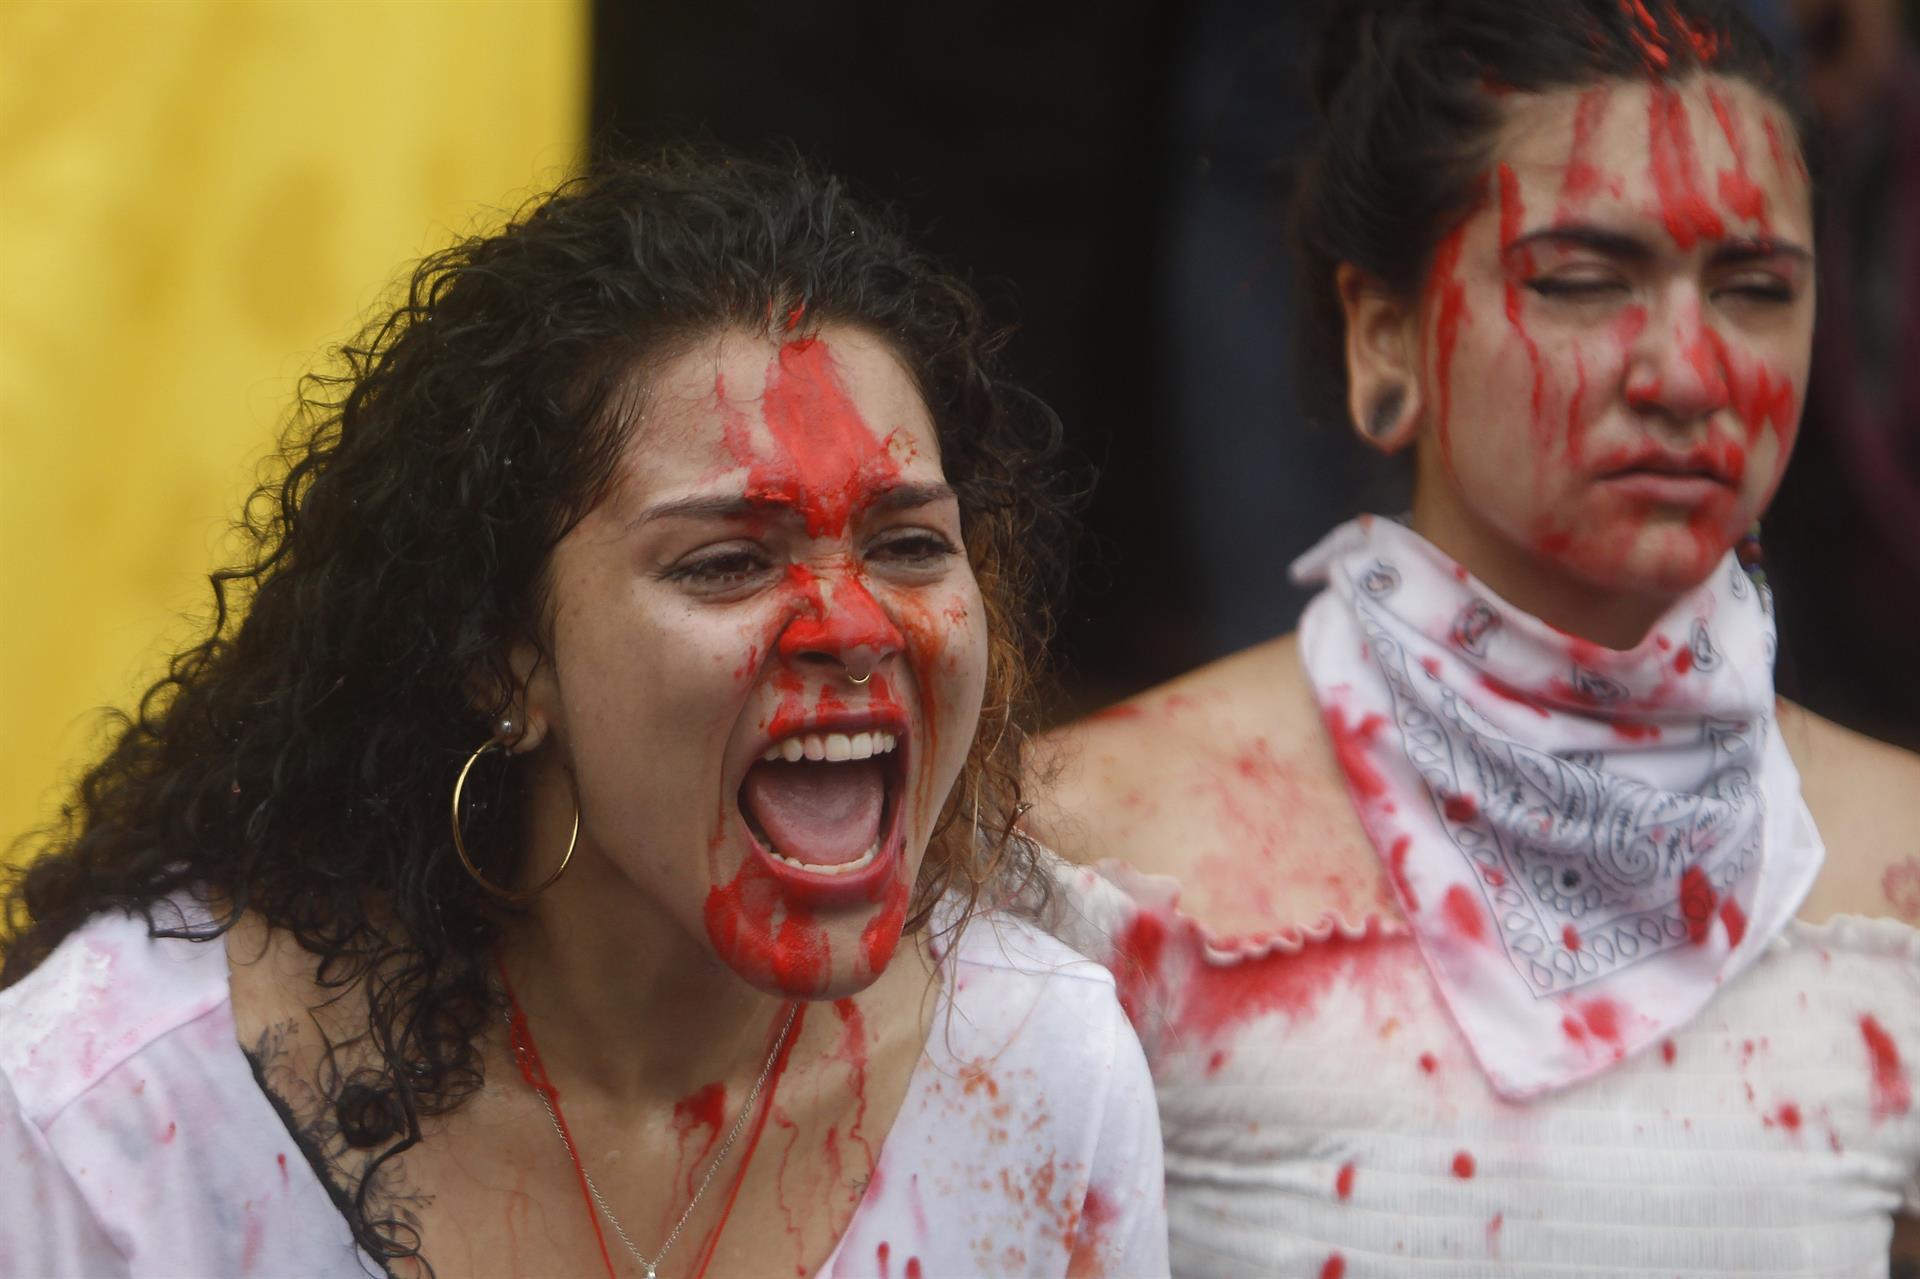 Jóvenes participan en una representación artística y simbólica en el Parque de los Deseos, durante una nueva jornada de protestas en el marco del Paro Nacional, en Medellín (Colombia).- EFE